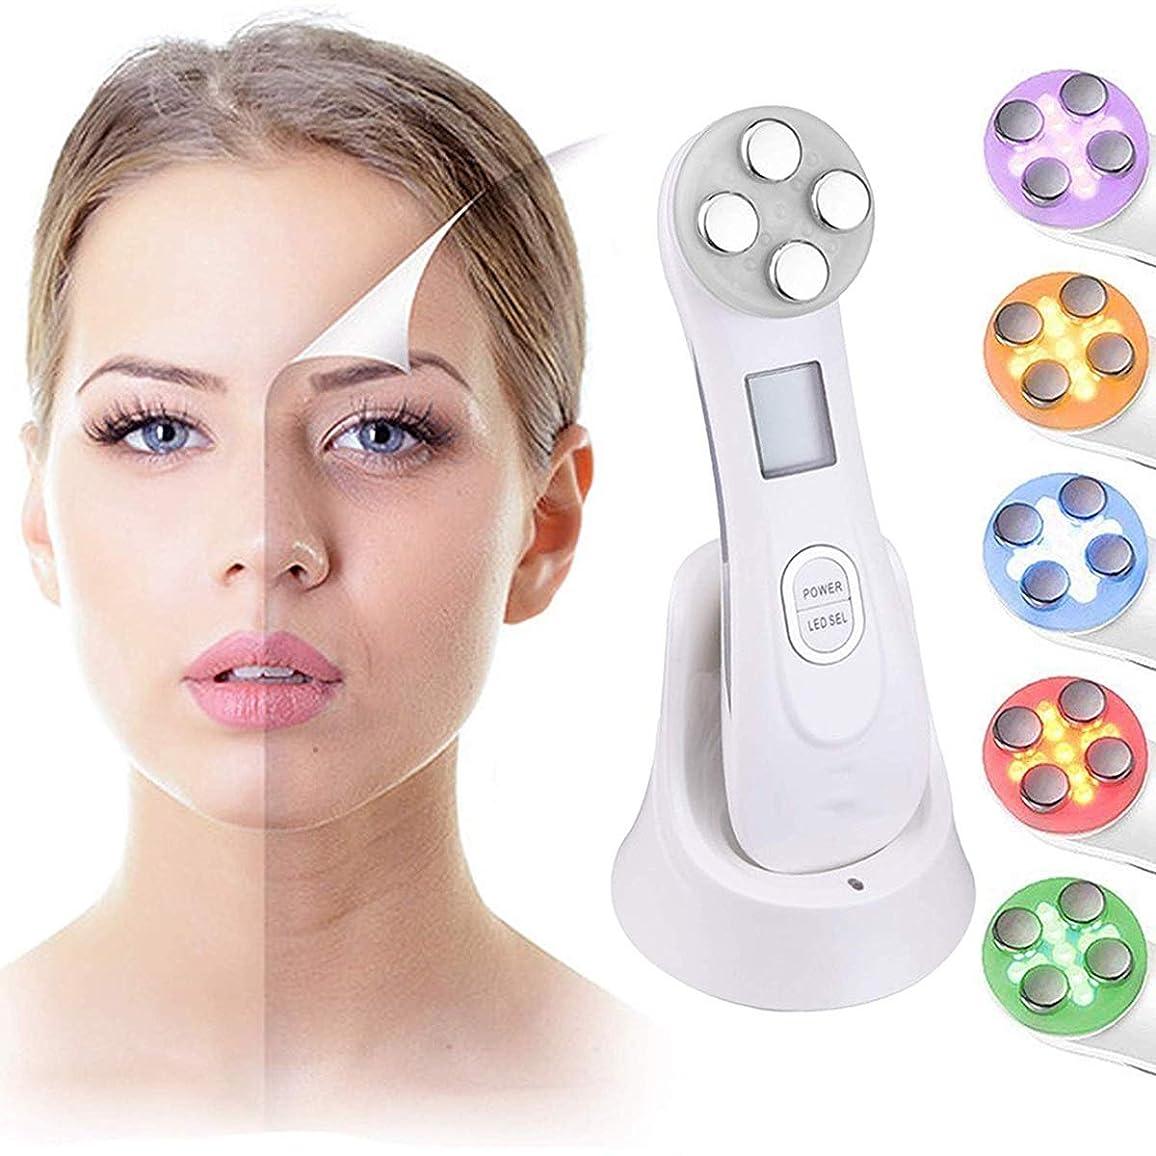 候補者サイレント恥ずかしいMJWM 美しくなる 美の器械LEDライト療法のしわは顔の機械、表面のためのスキンケアの美機械をきつく締める反老化のアクネの皮の若返りの皮を取除きます 肌を改善する